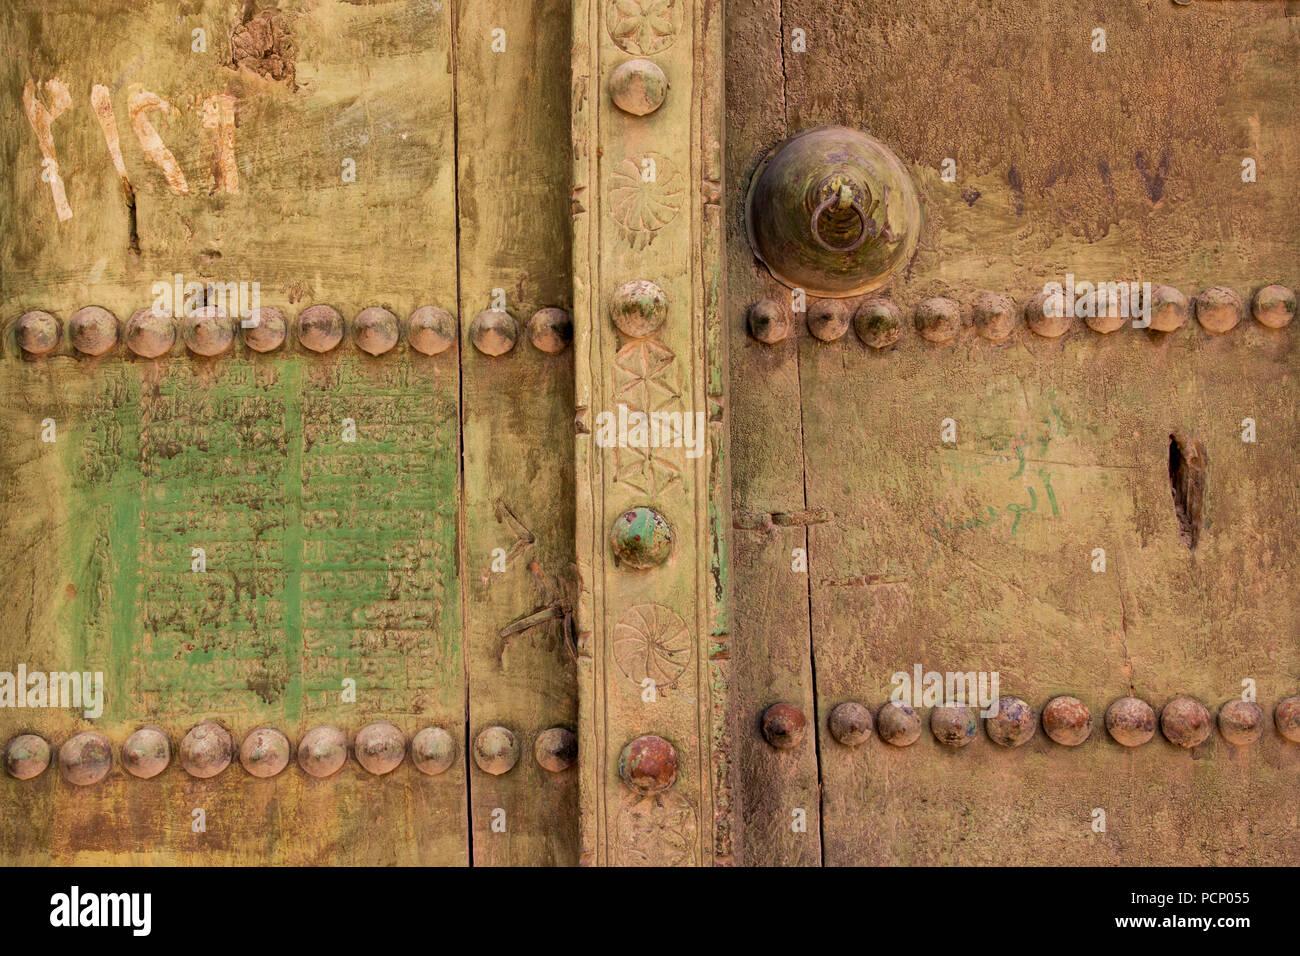 Oman, Al Hamra, door, detail - Stock Image